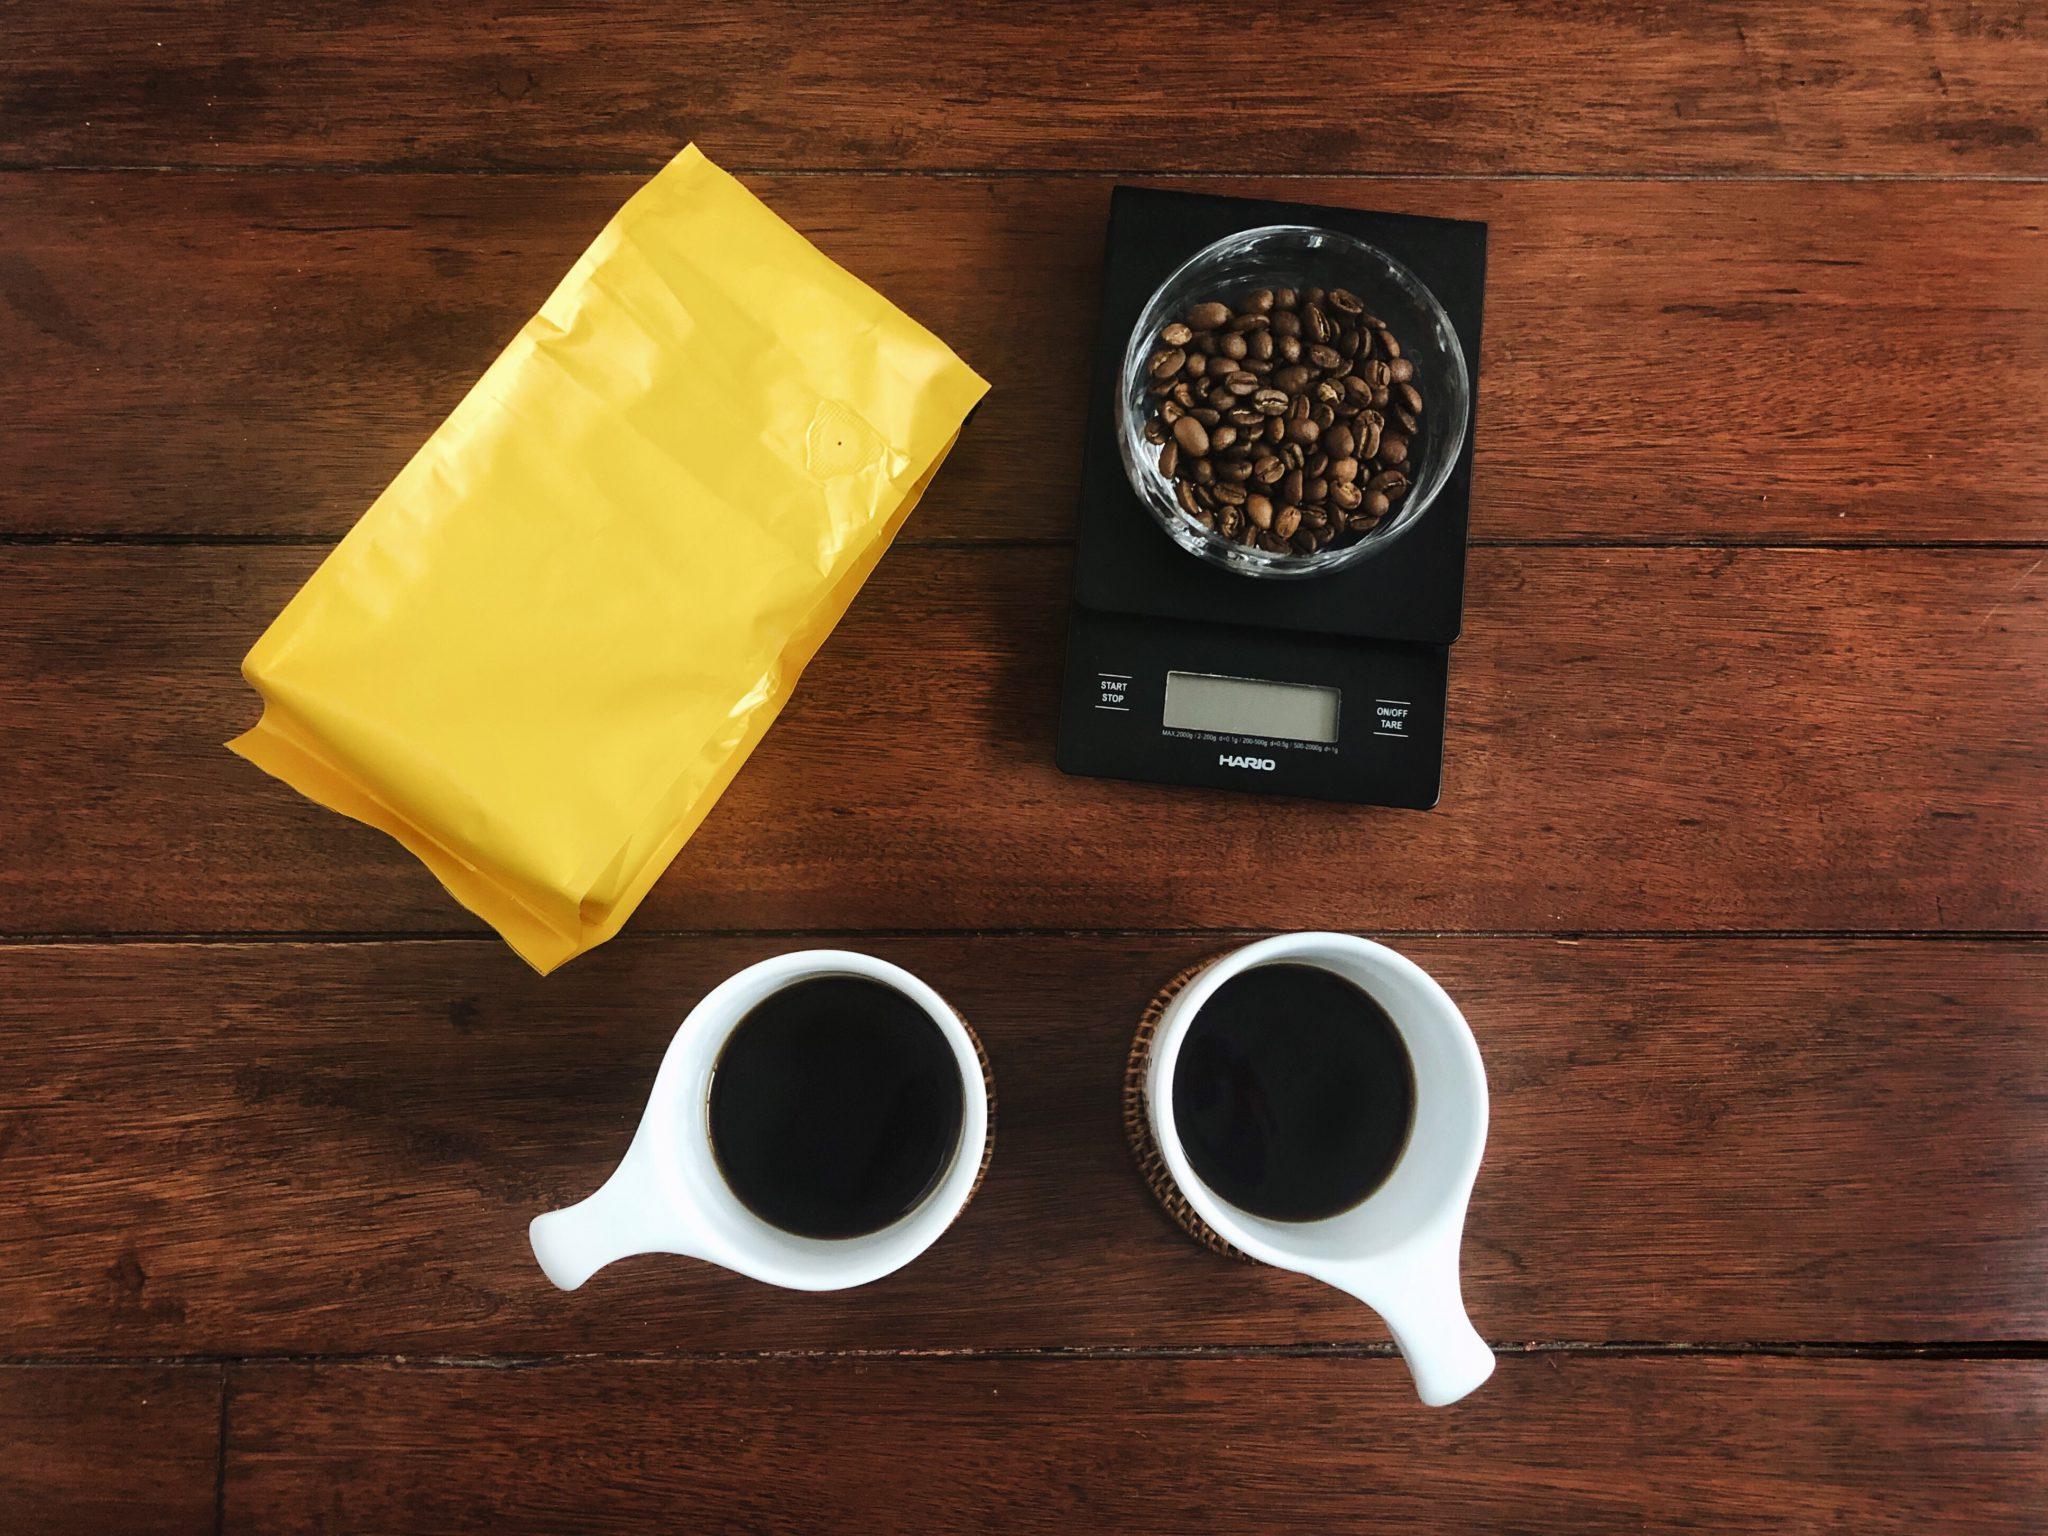 Cà phê ở nước sản xuất và cách tiêu thụ thông minh